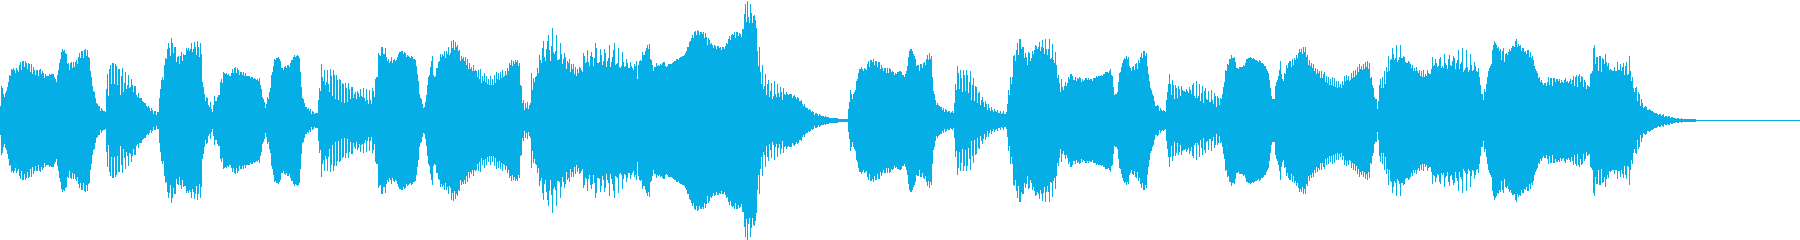 リコーダーとピアノほのぼのとしたジングルの再生済みの波形